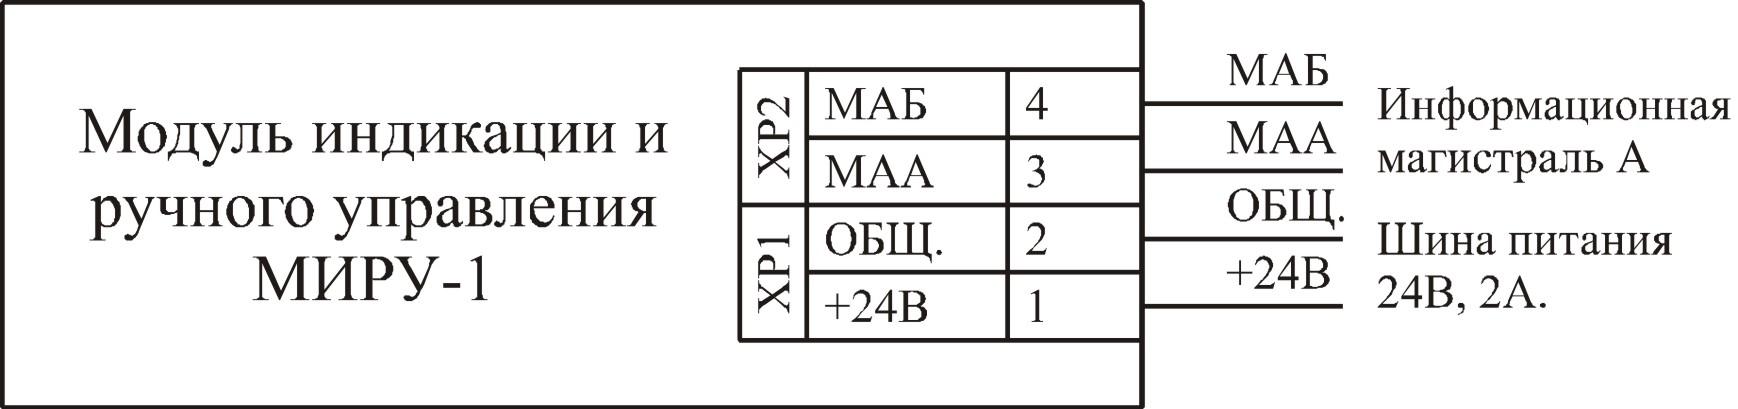 Схема внешних соединений МИРУ